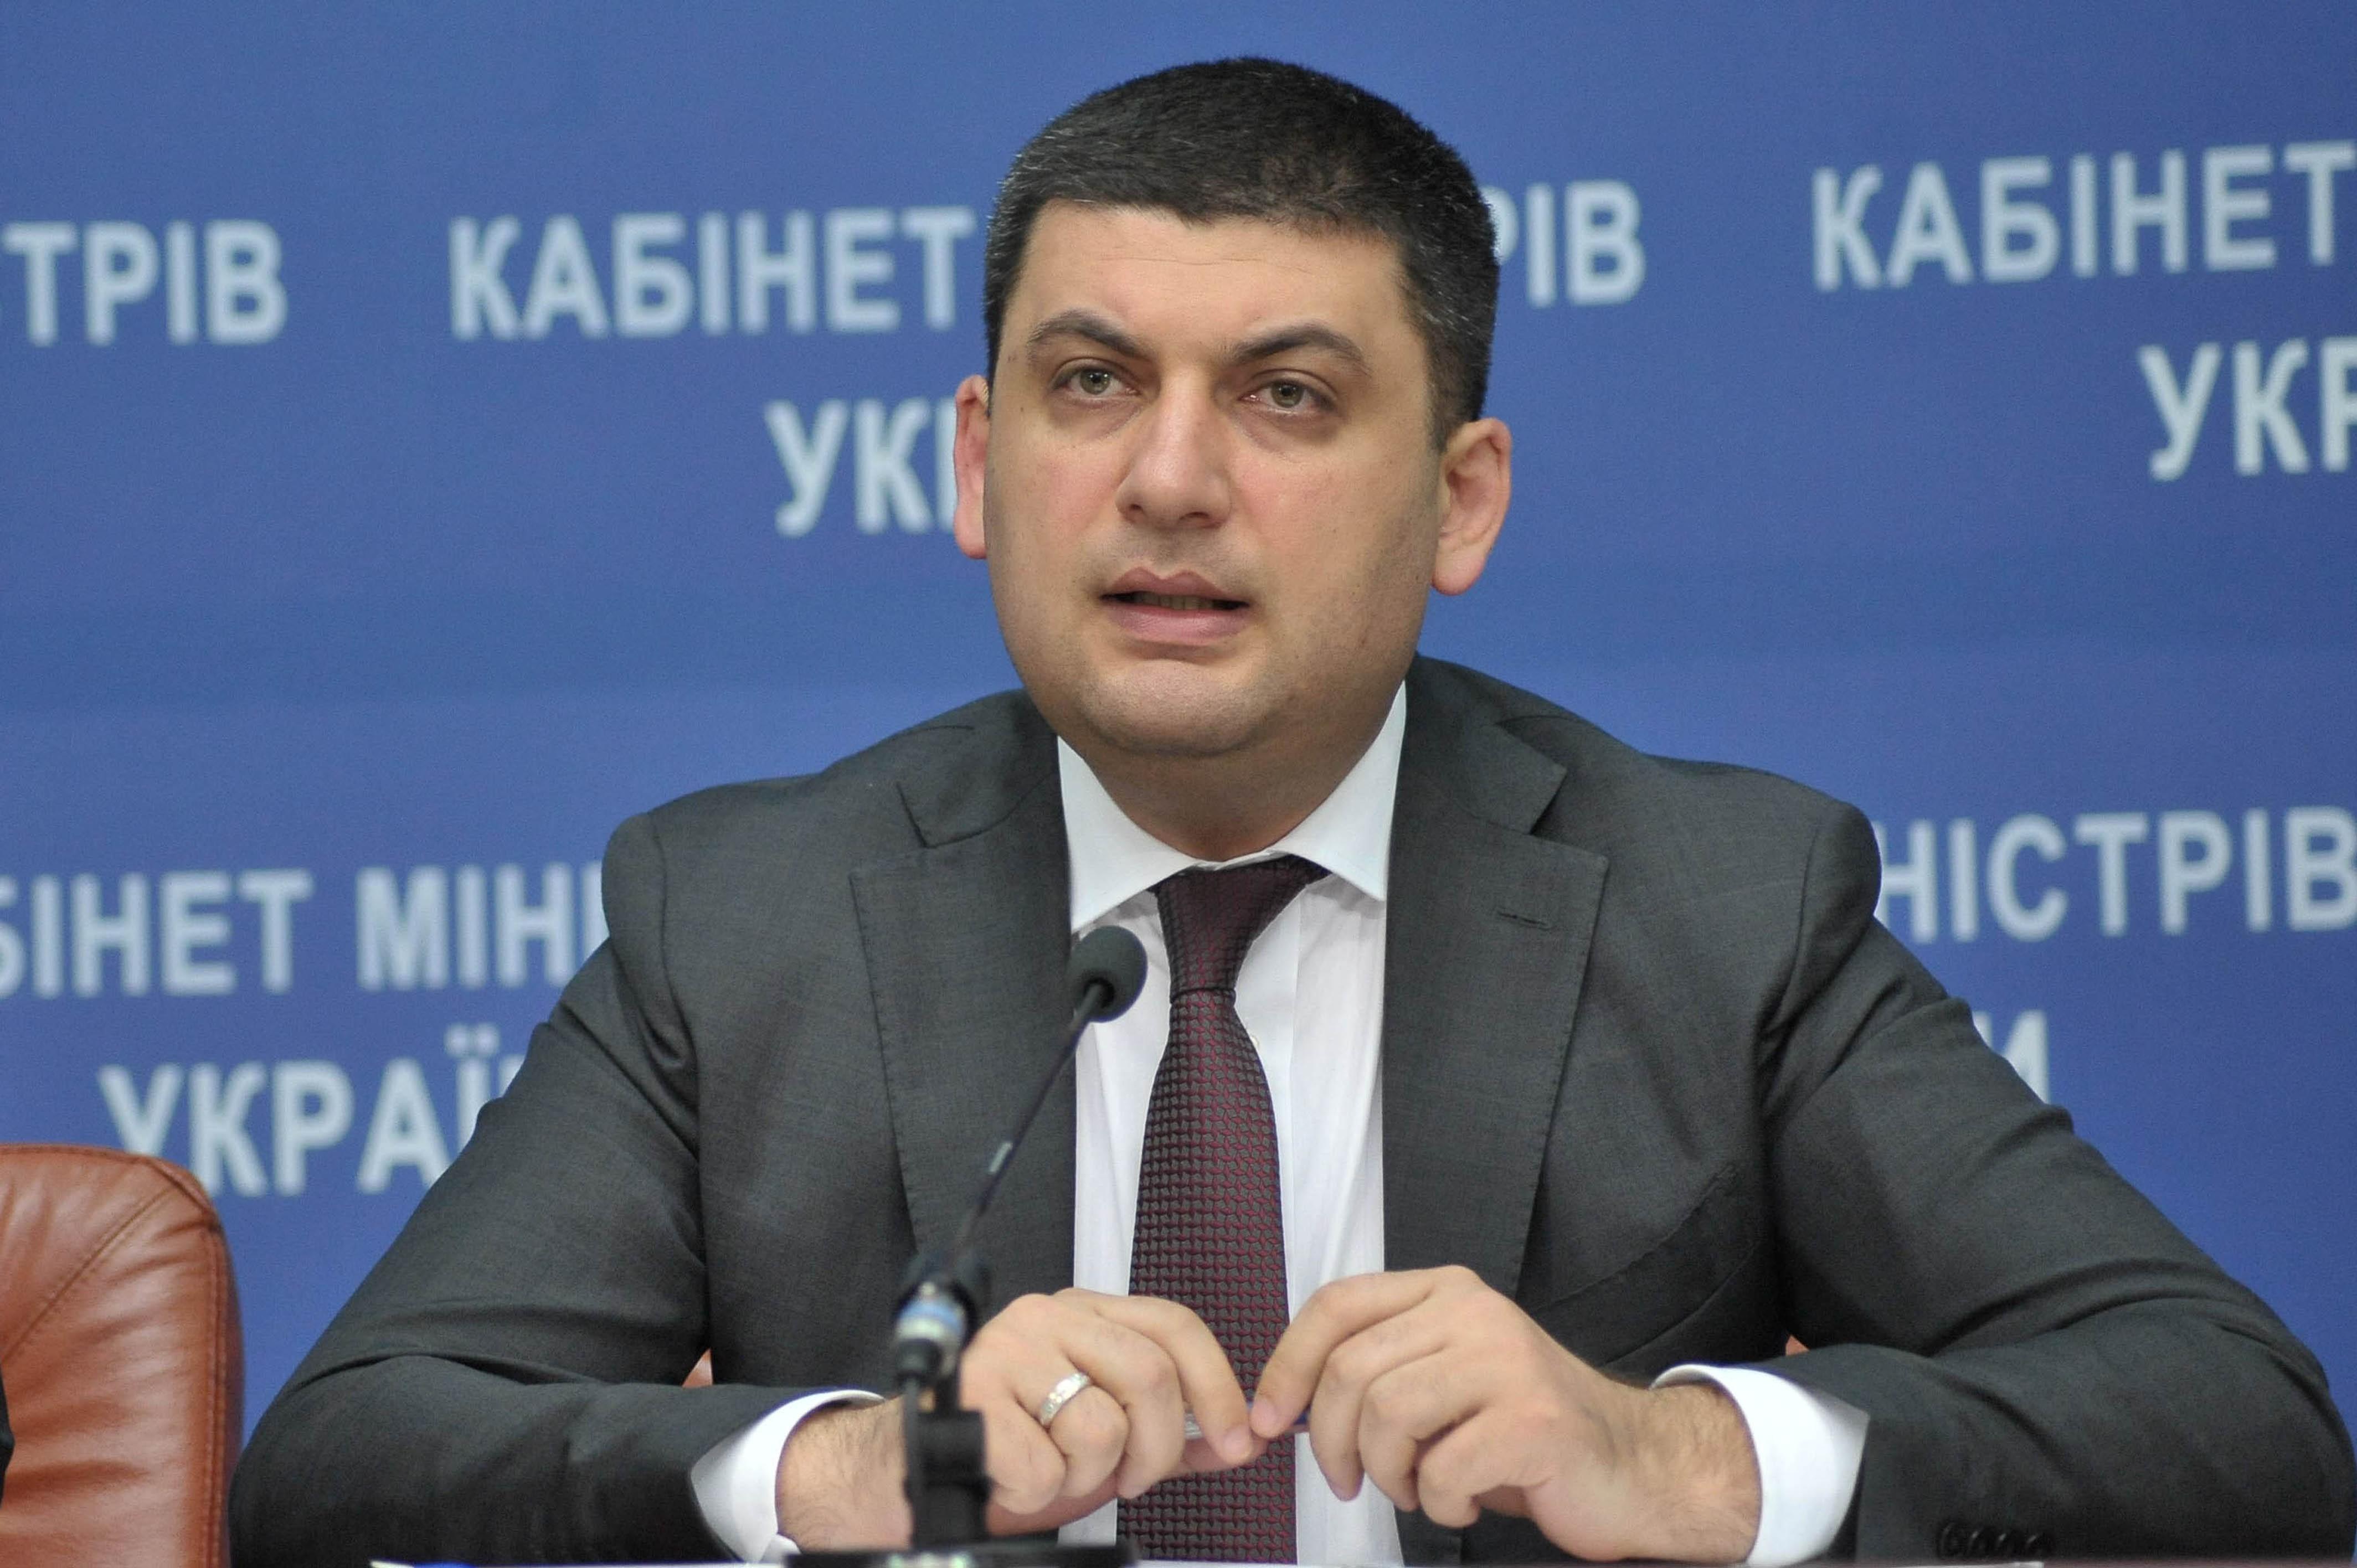 Гройсман: руководство разработает программу восстановления лесных фондов Украинского государства